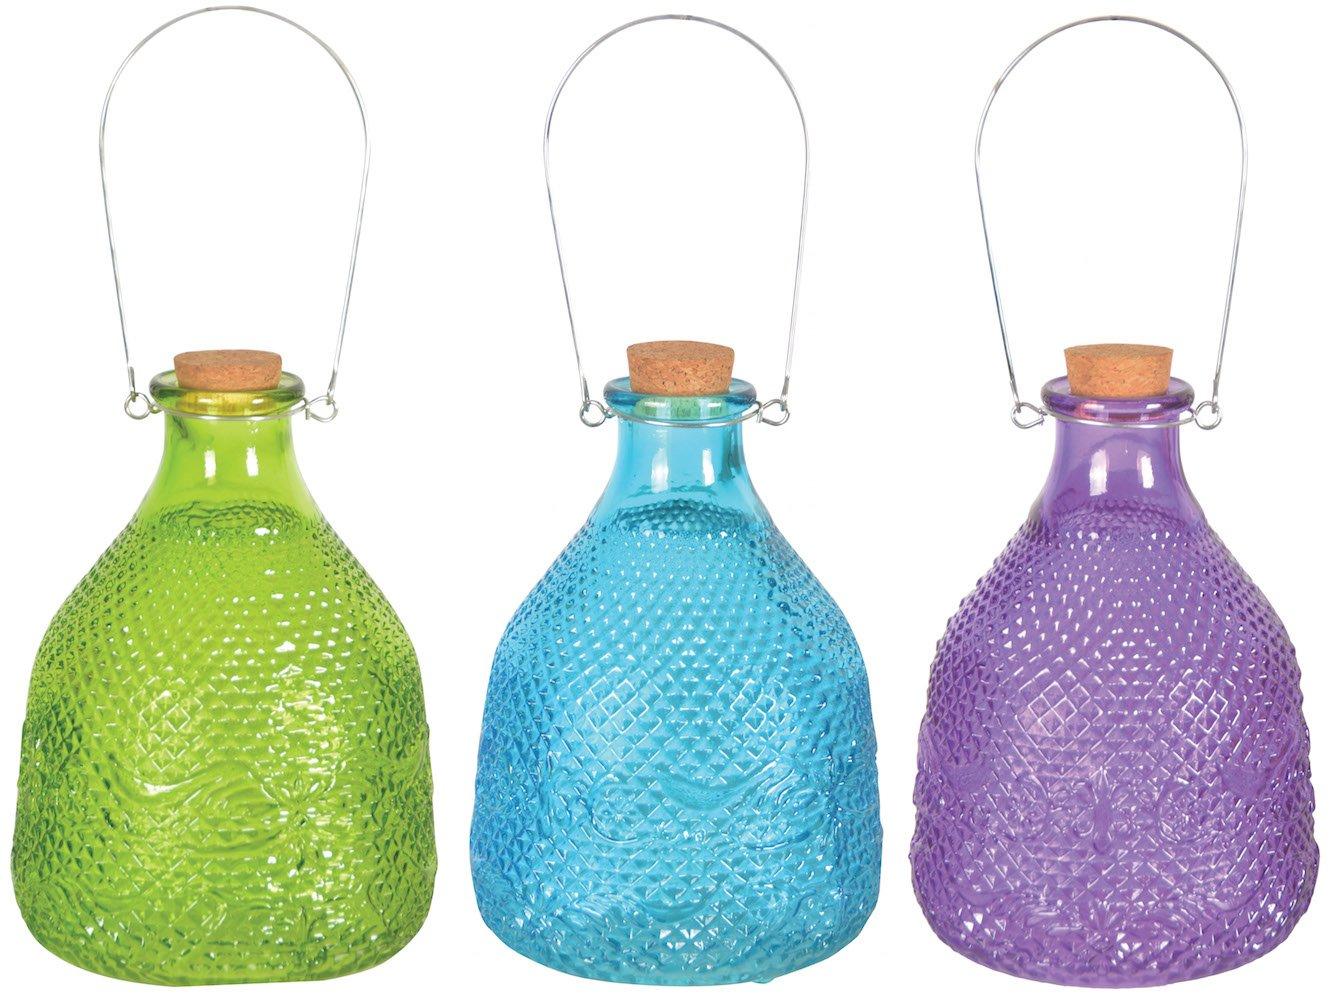 Esschert Design EG22 Wespenfalle Hobnail, Glas, 15 x H 21,5 cm (Farbe zufä llig, 1 Stü ck)